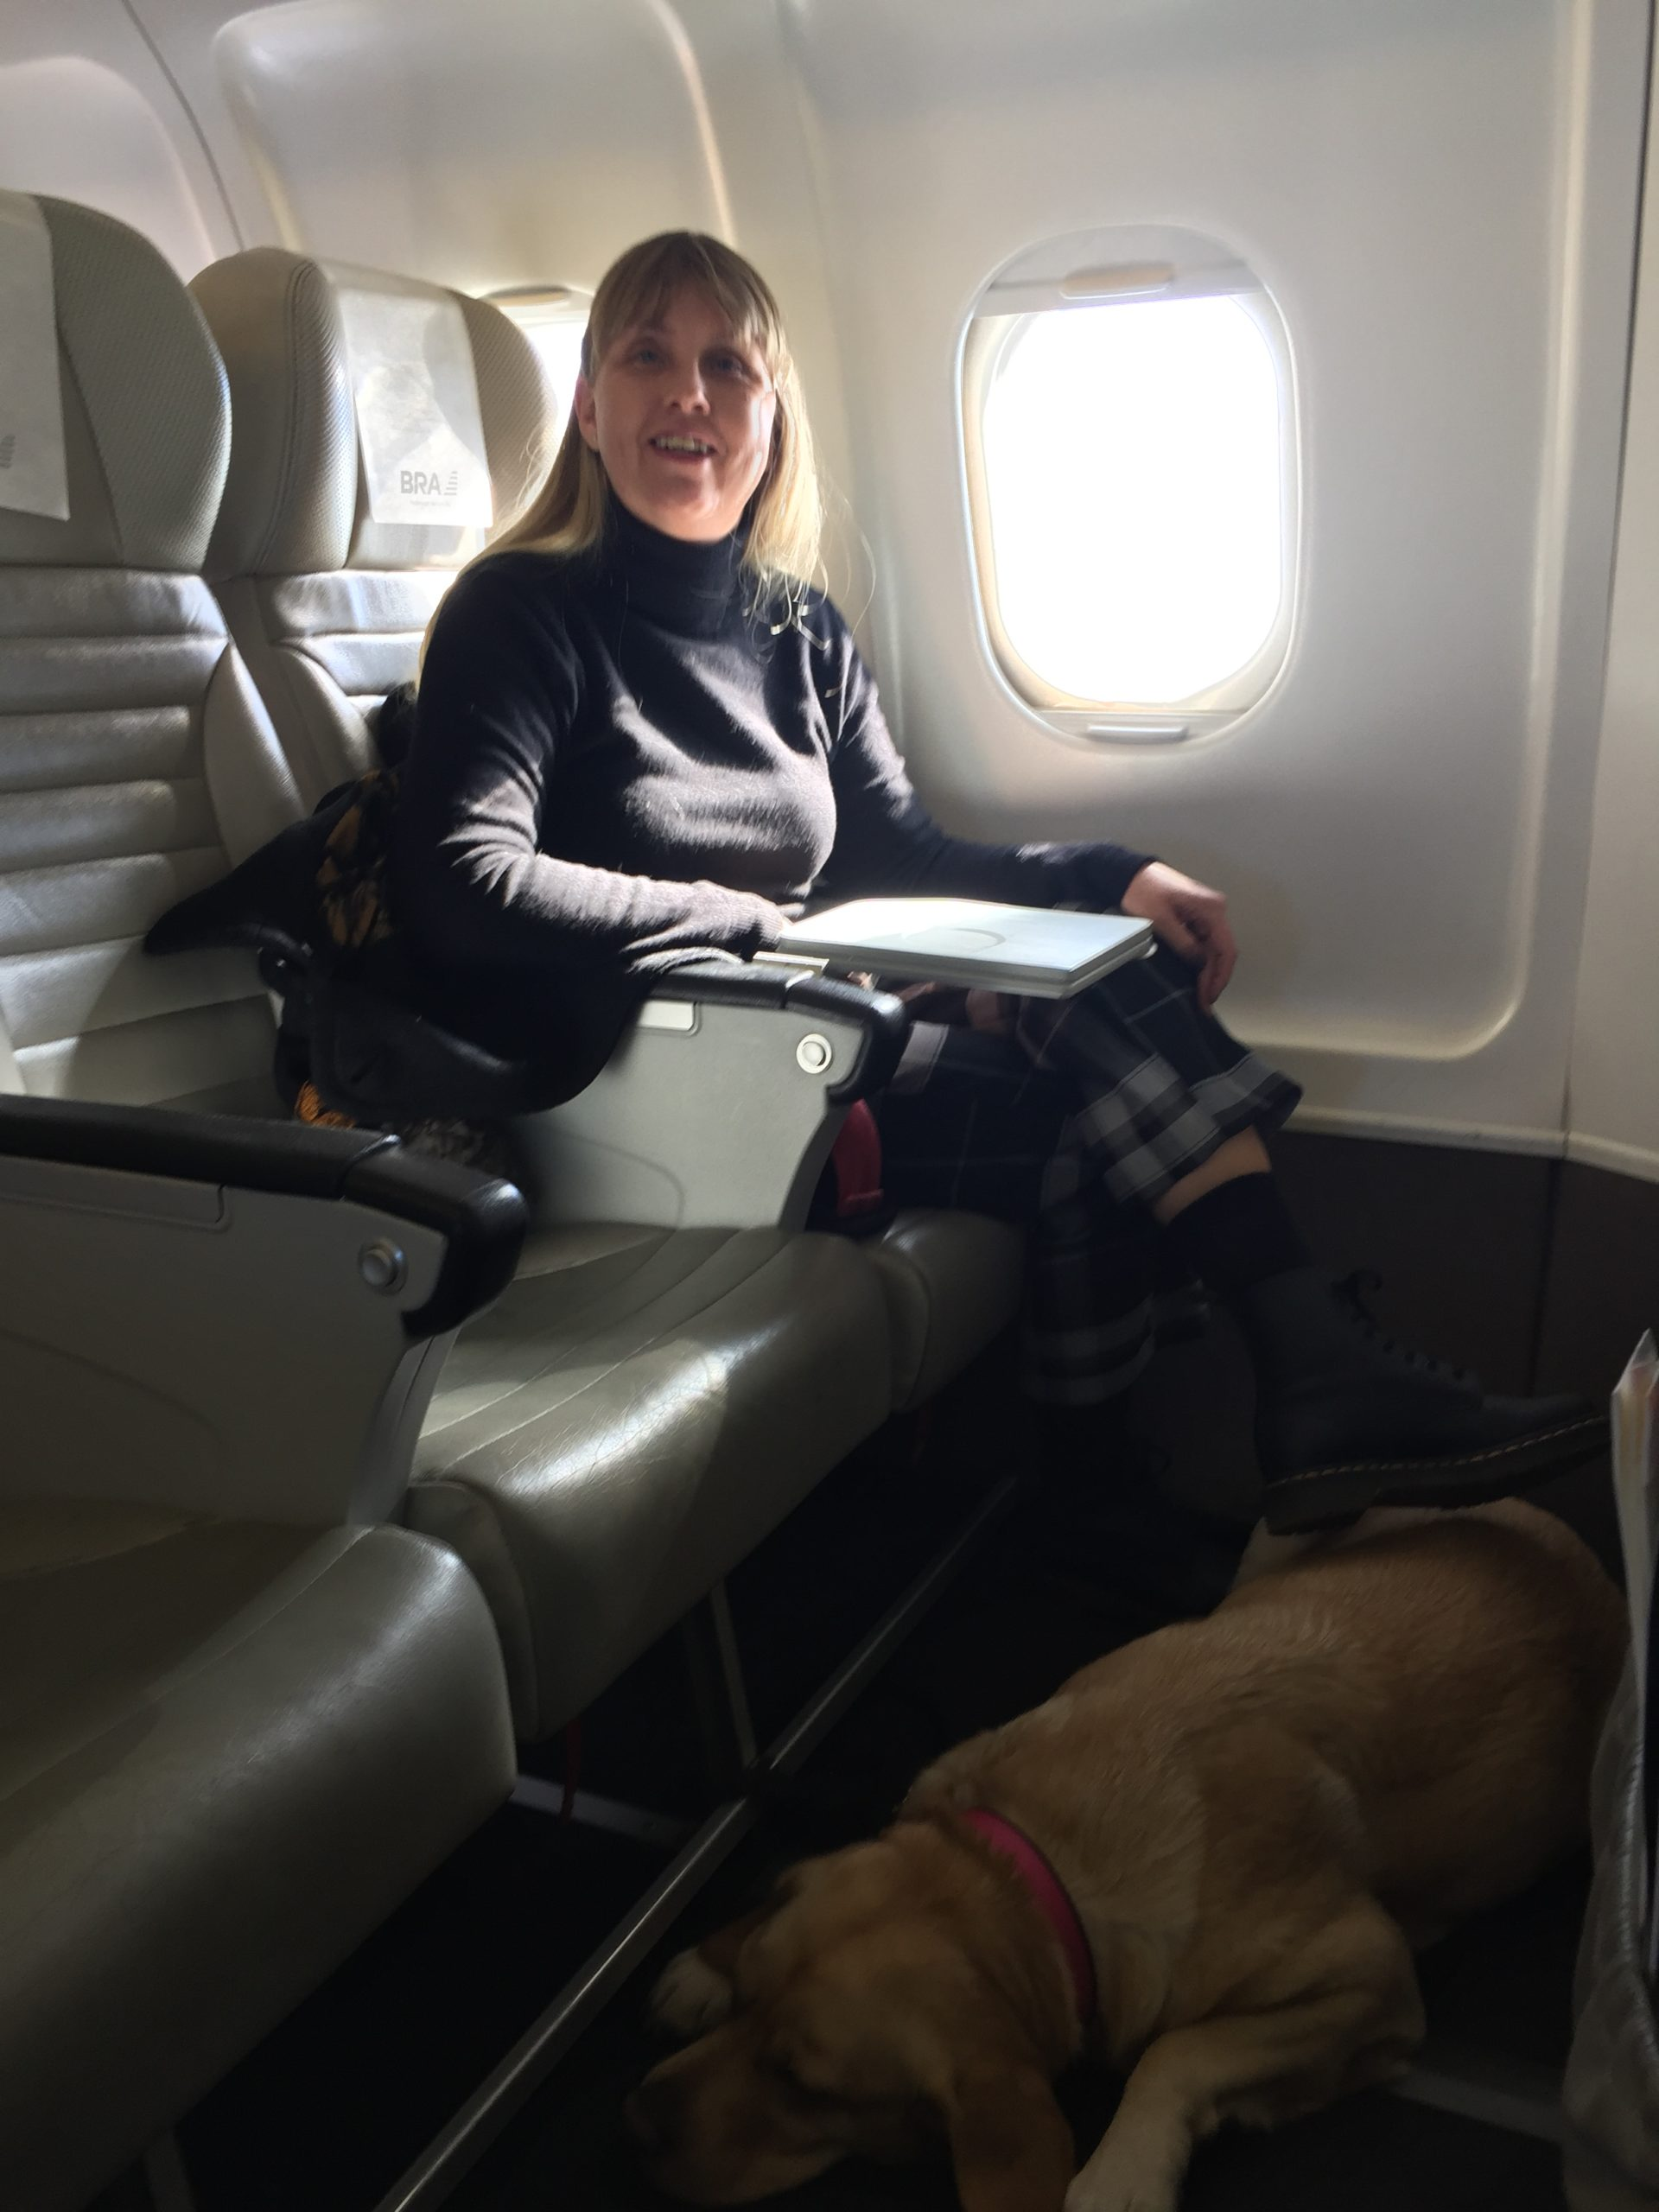 Jag sittandes längst fram i flyget med min ledarhund, en vit labrador som ligger på golvet framför sätet. Jag är iklädd svart polotröja och kjol.